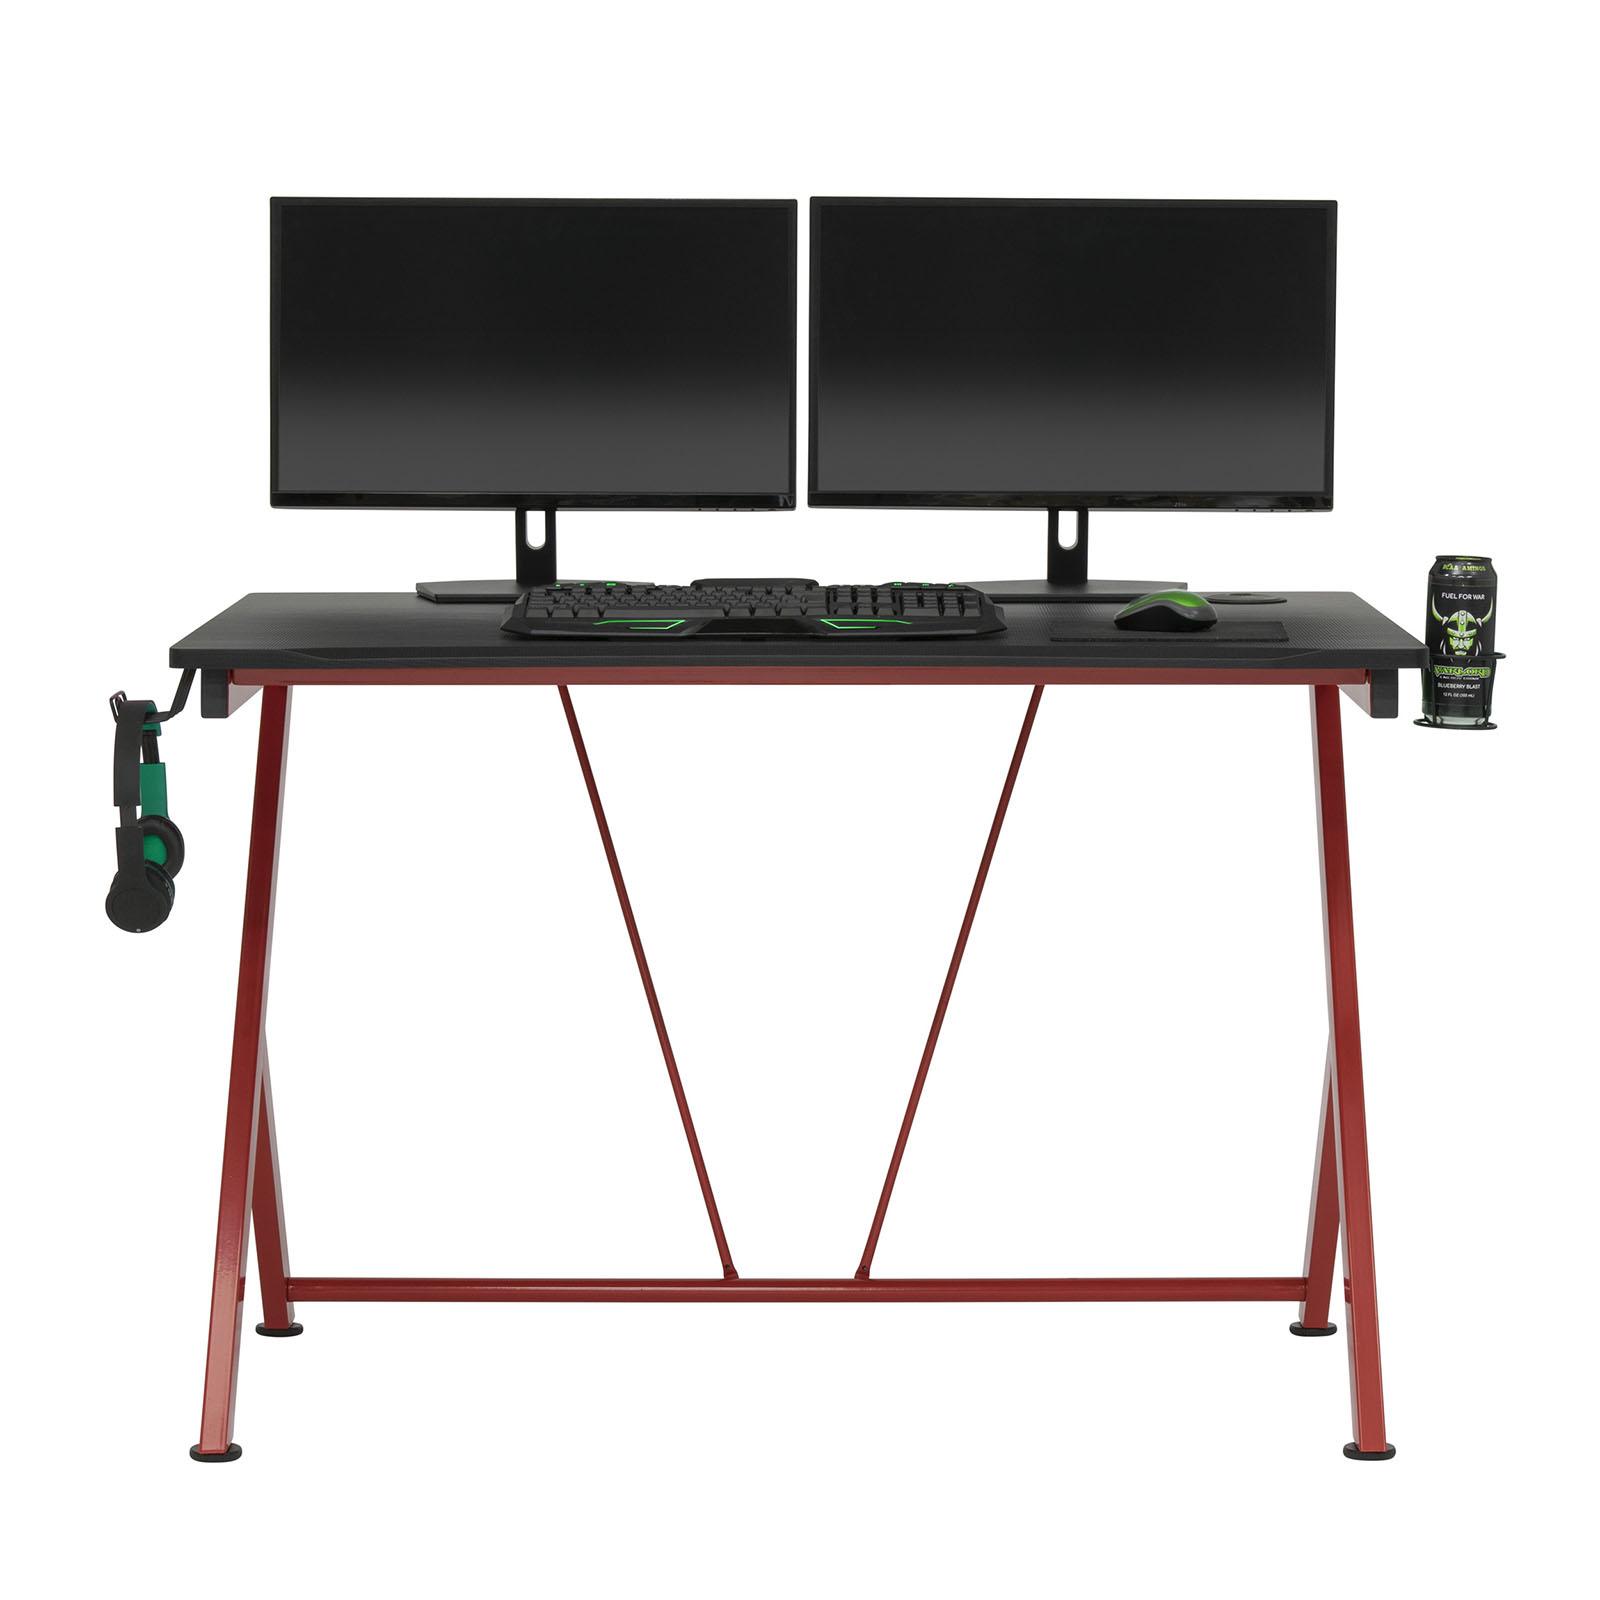 51254 Quest Desk props 2bDual